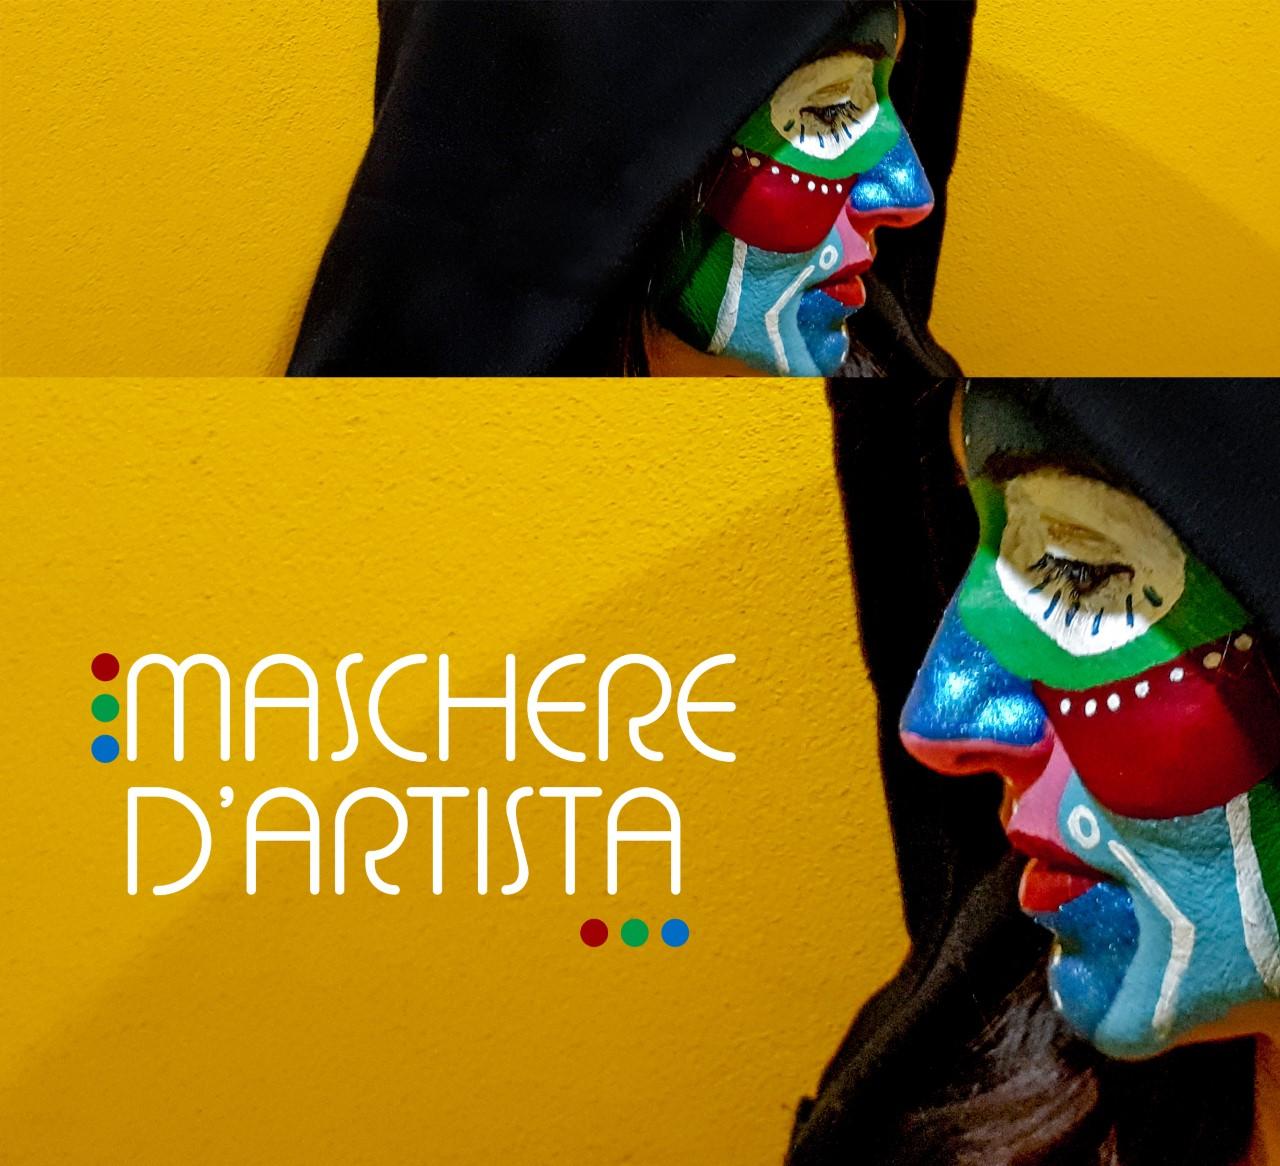 MASCHERE D ARTISTA